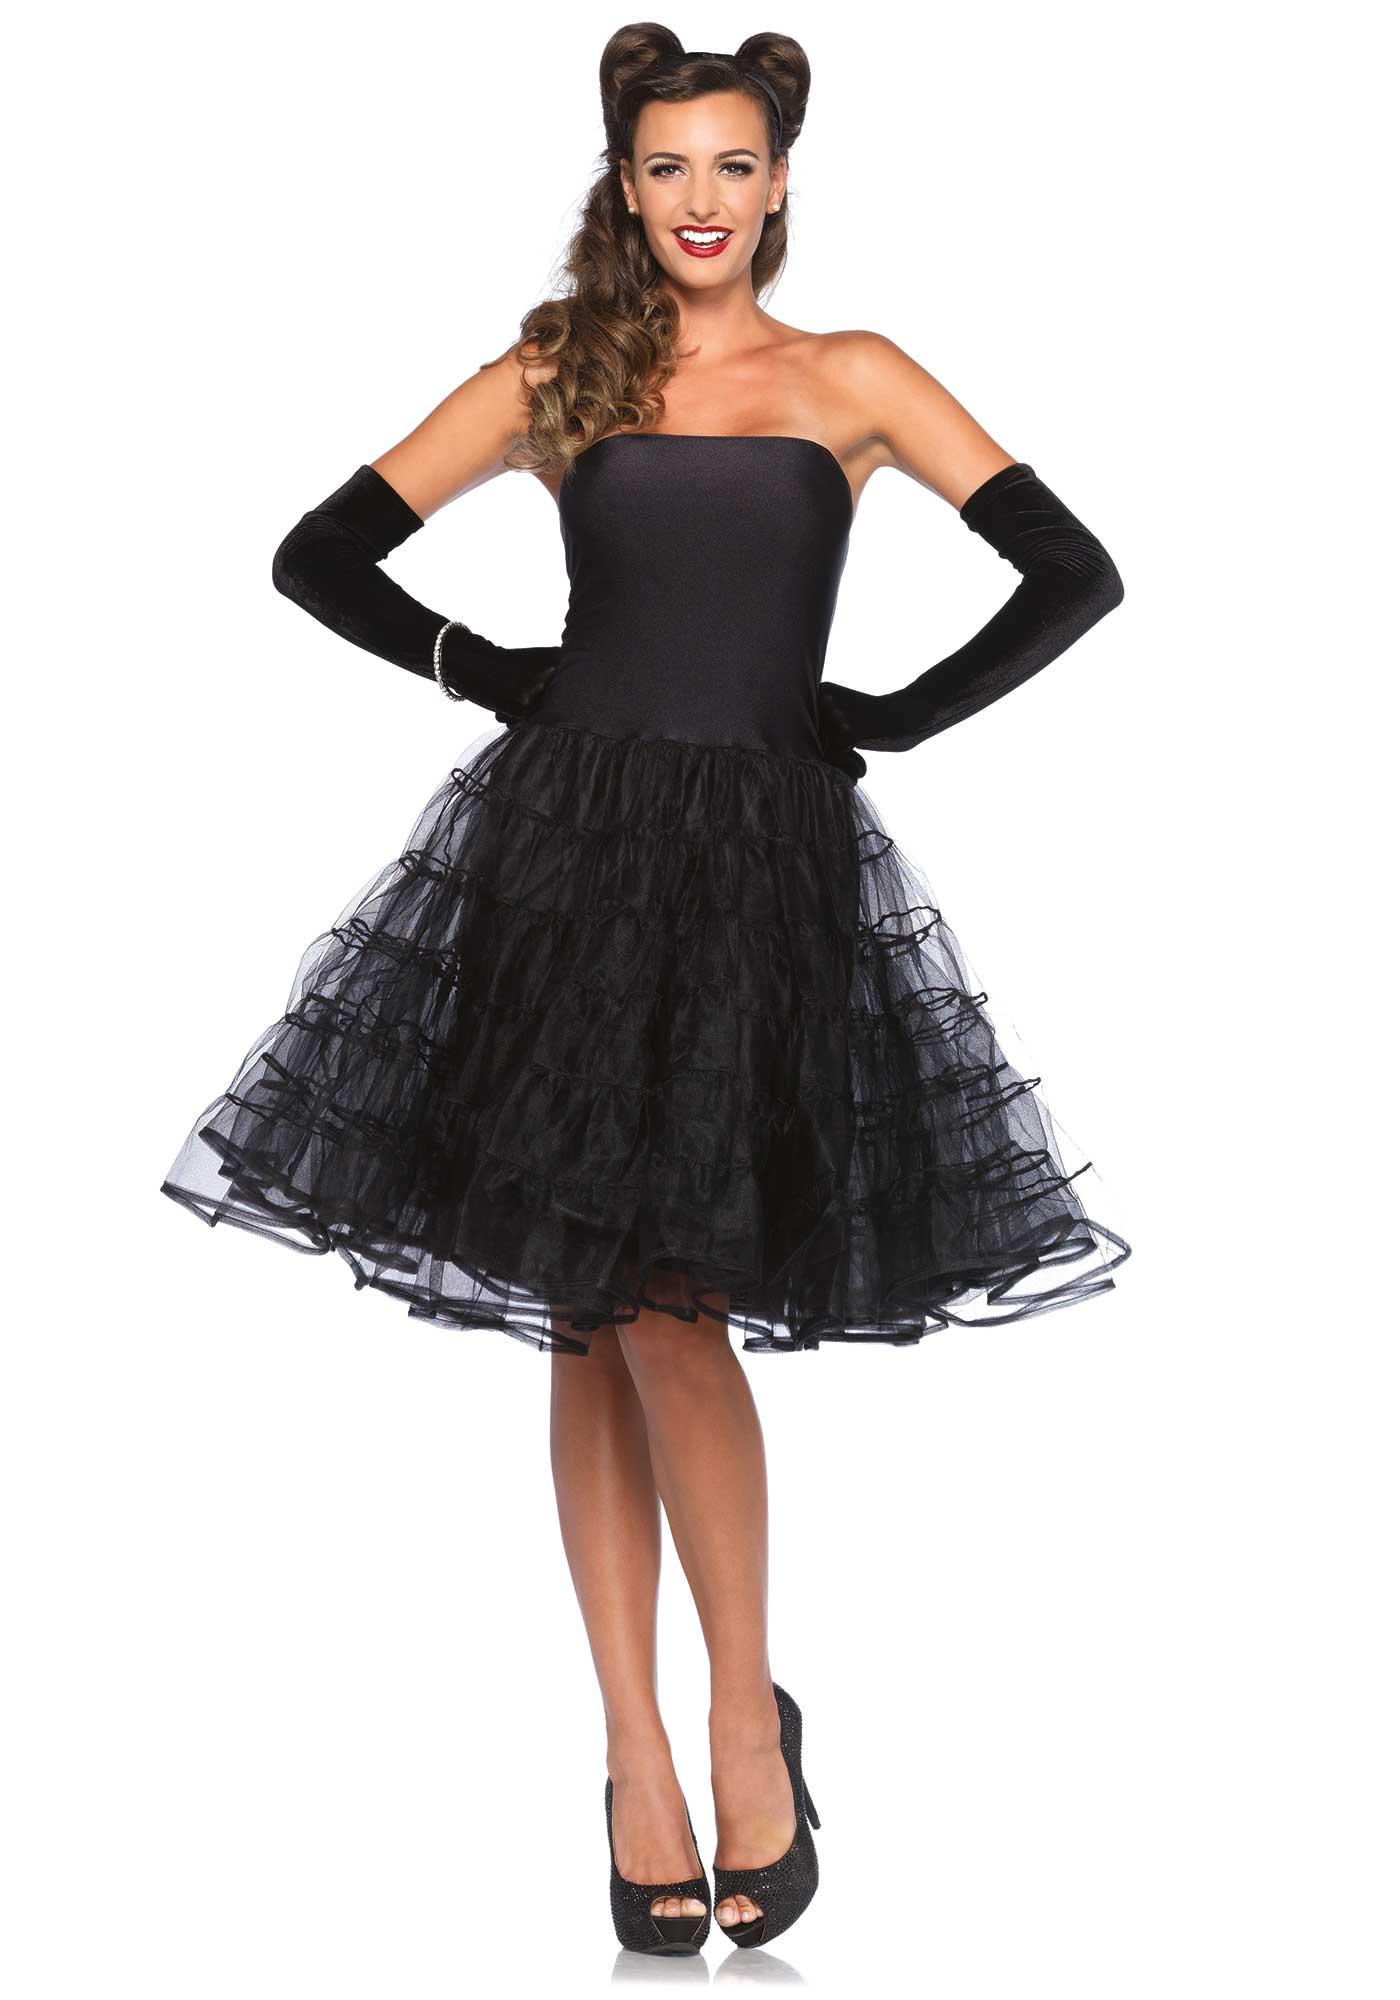 Schwarzes 50er Jahre Kleid Kostüm für Damen: Kostüme für ...